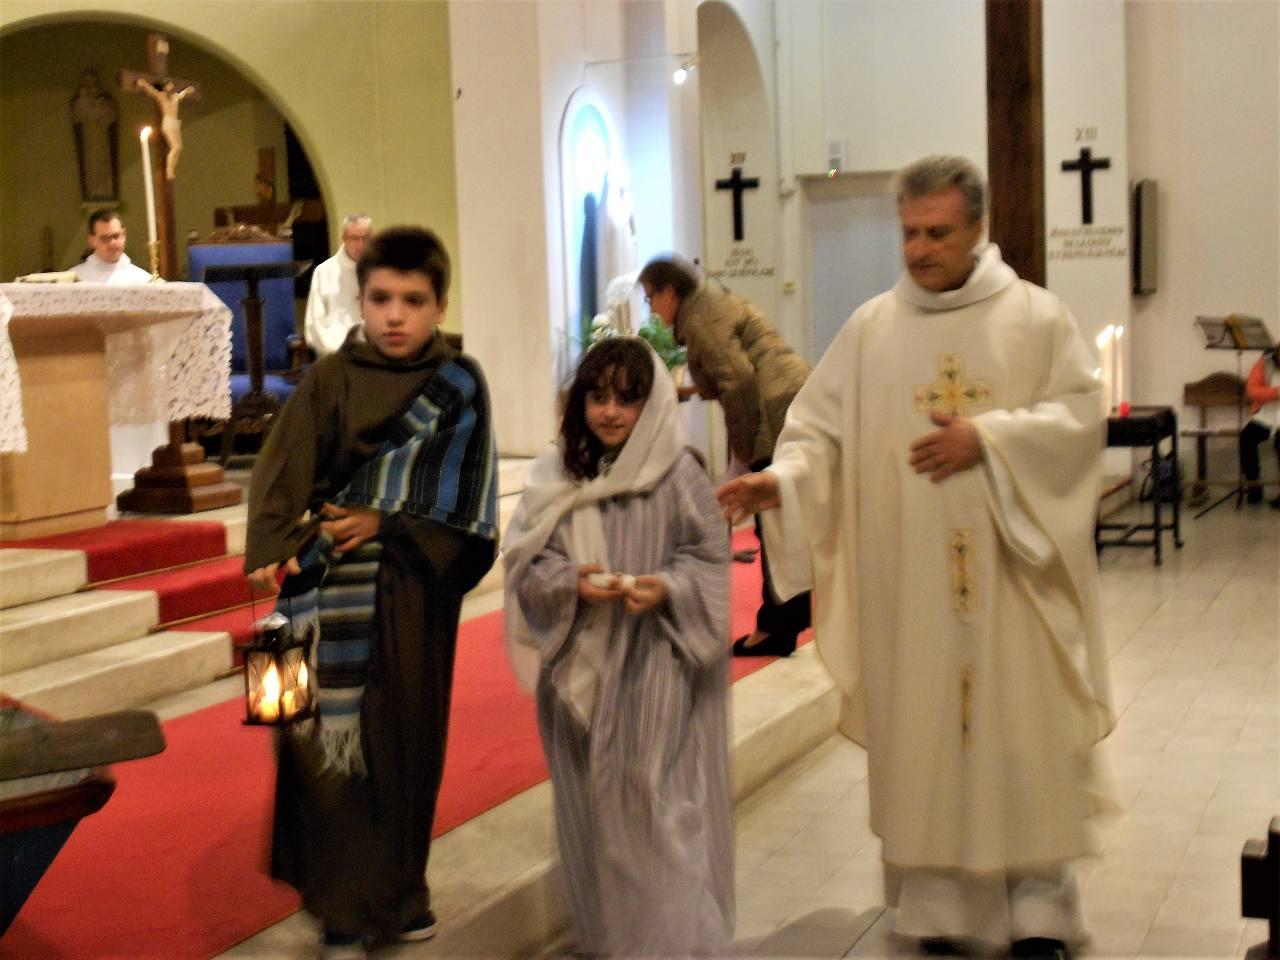 Guidé par la lanterne de Joseph, Marie va confier l'enfant Jésus à l'abbé Jean-Marc pour le coucher dans la crèche